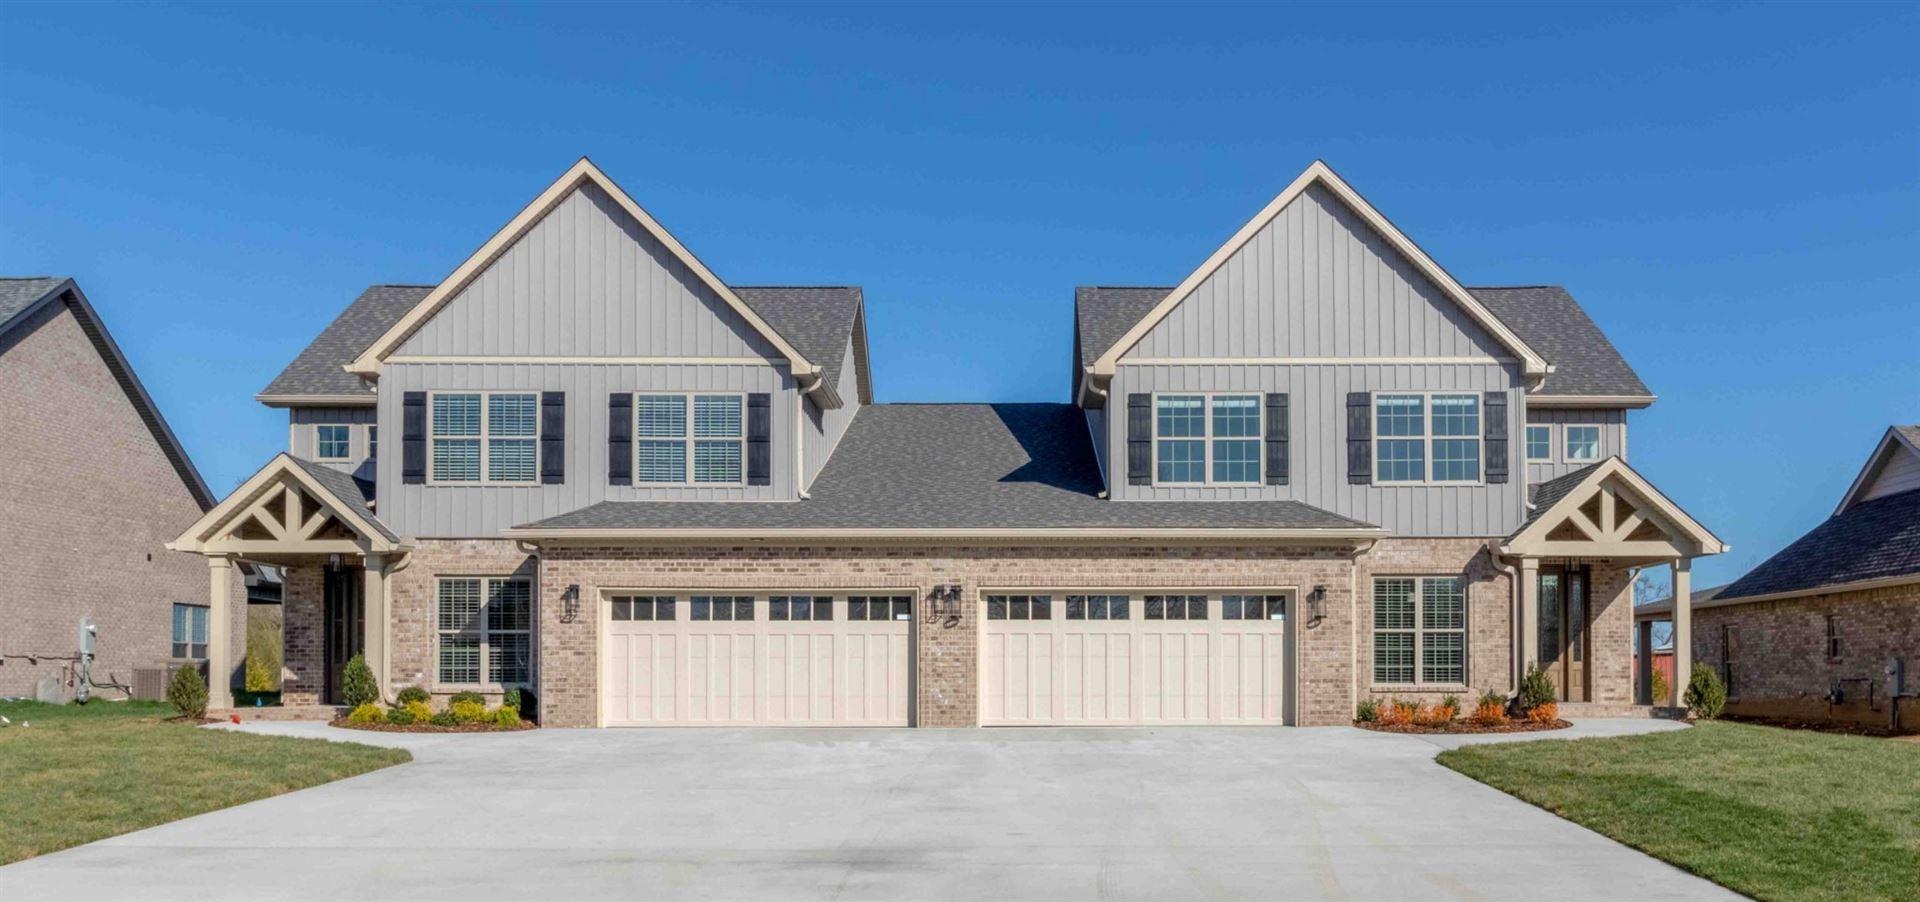 1084 Veridian Drive Unit 25B, Clarksville, TN 37043 - MLS#: 2275266